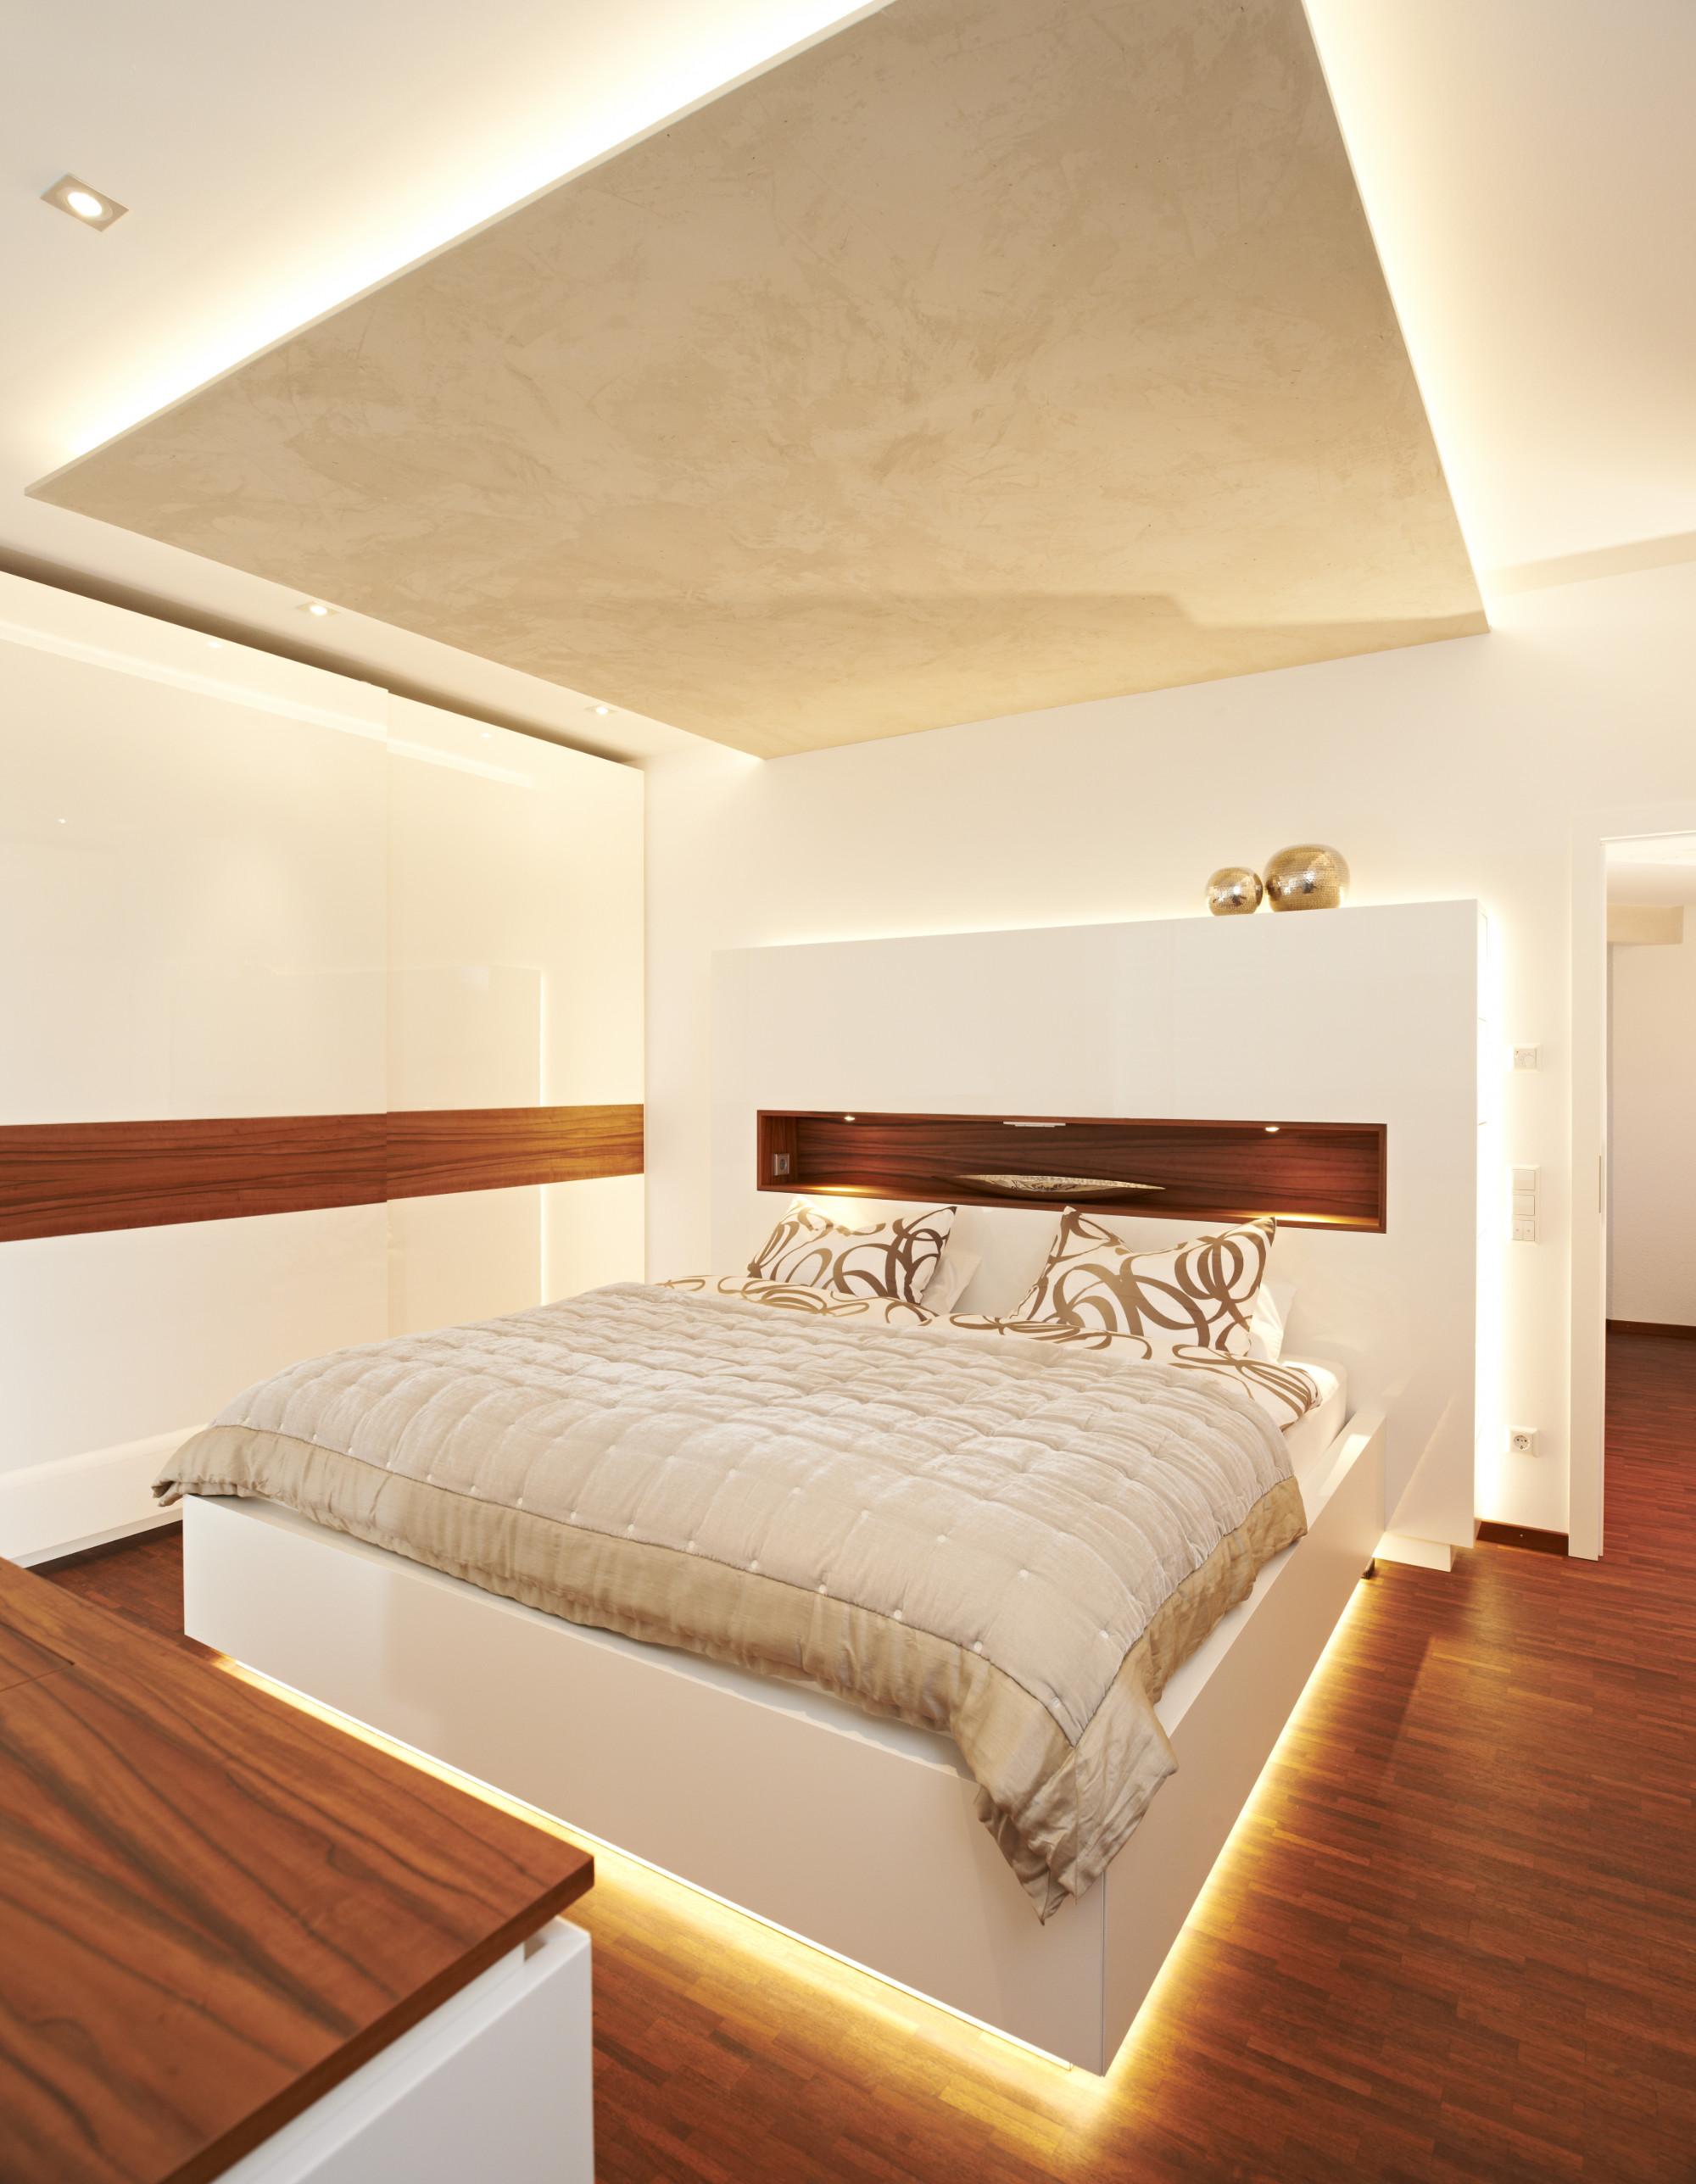 Schlafzimmer 8 - Möbel Bühler - Schorndorf